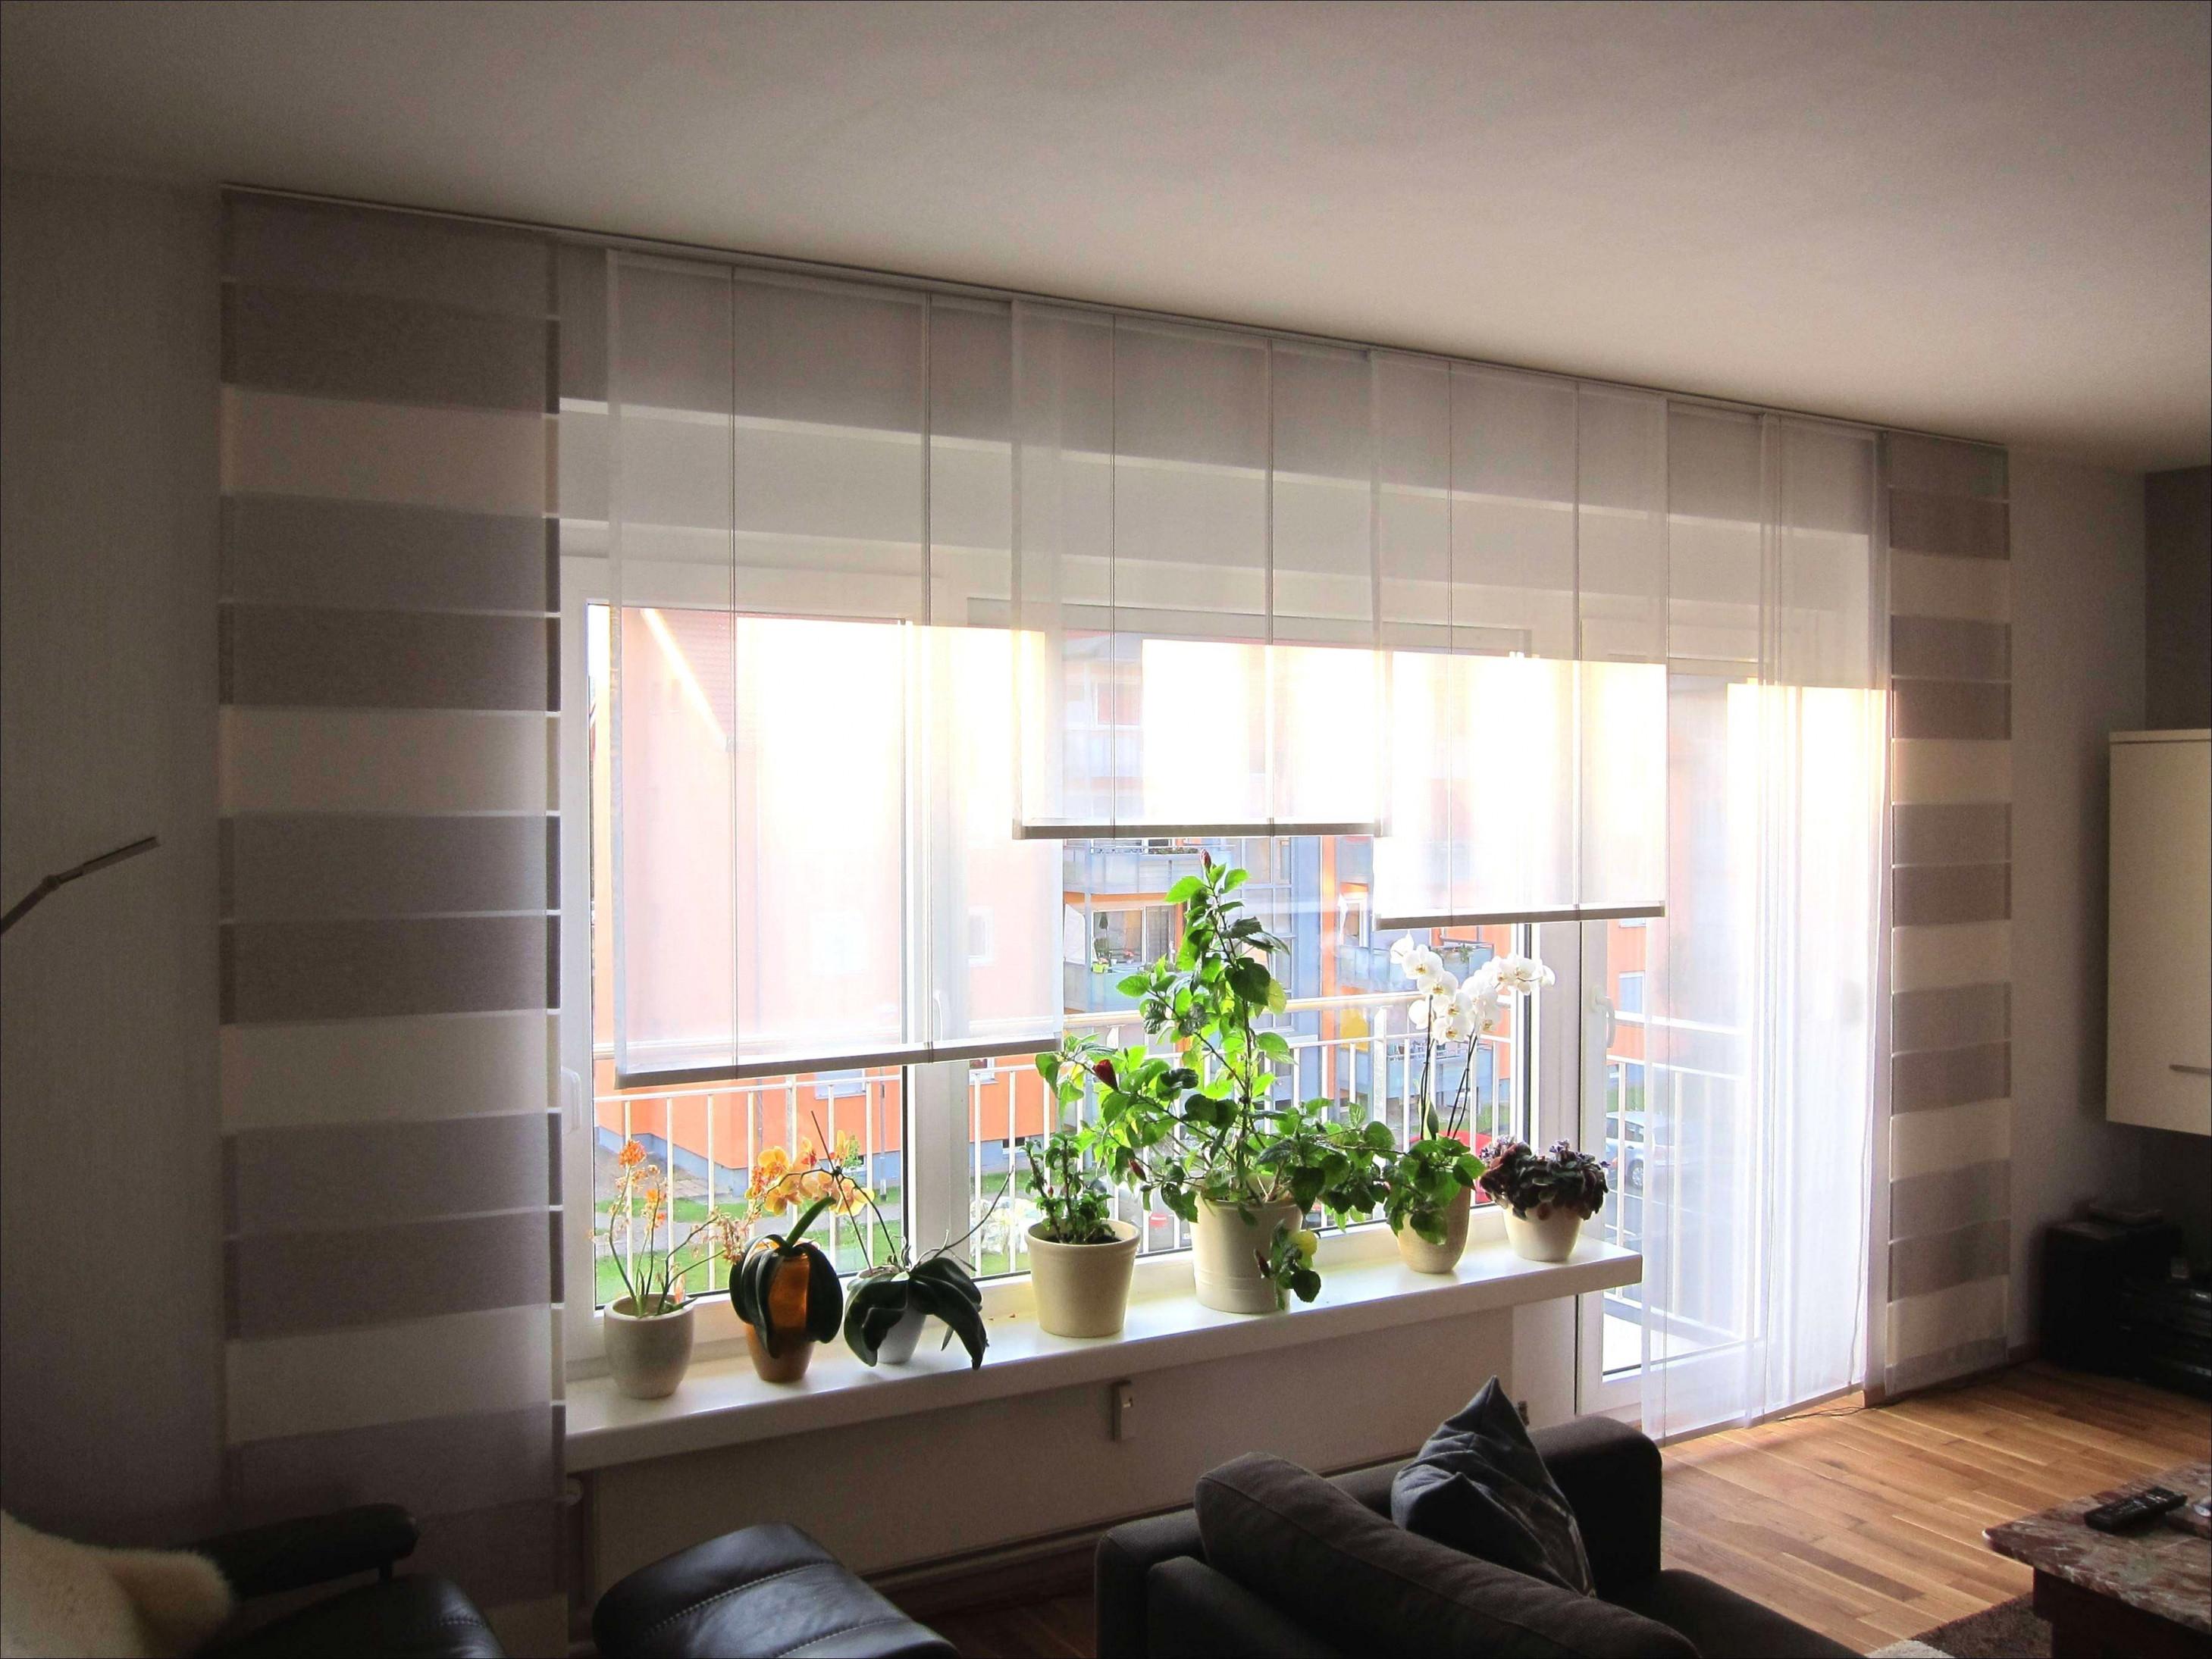 Gardinen Für Wohnzimmer Einzigartig Beste Von Balkontür von Gardinen Für Bodentiefe Fenster Wohnzimmer Bild